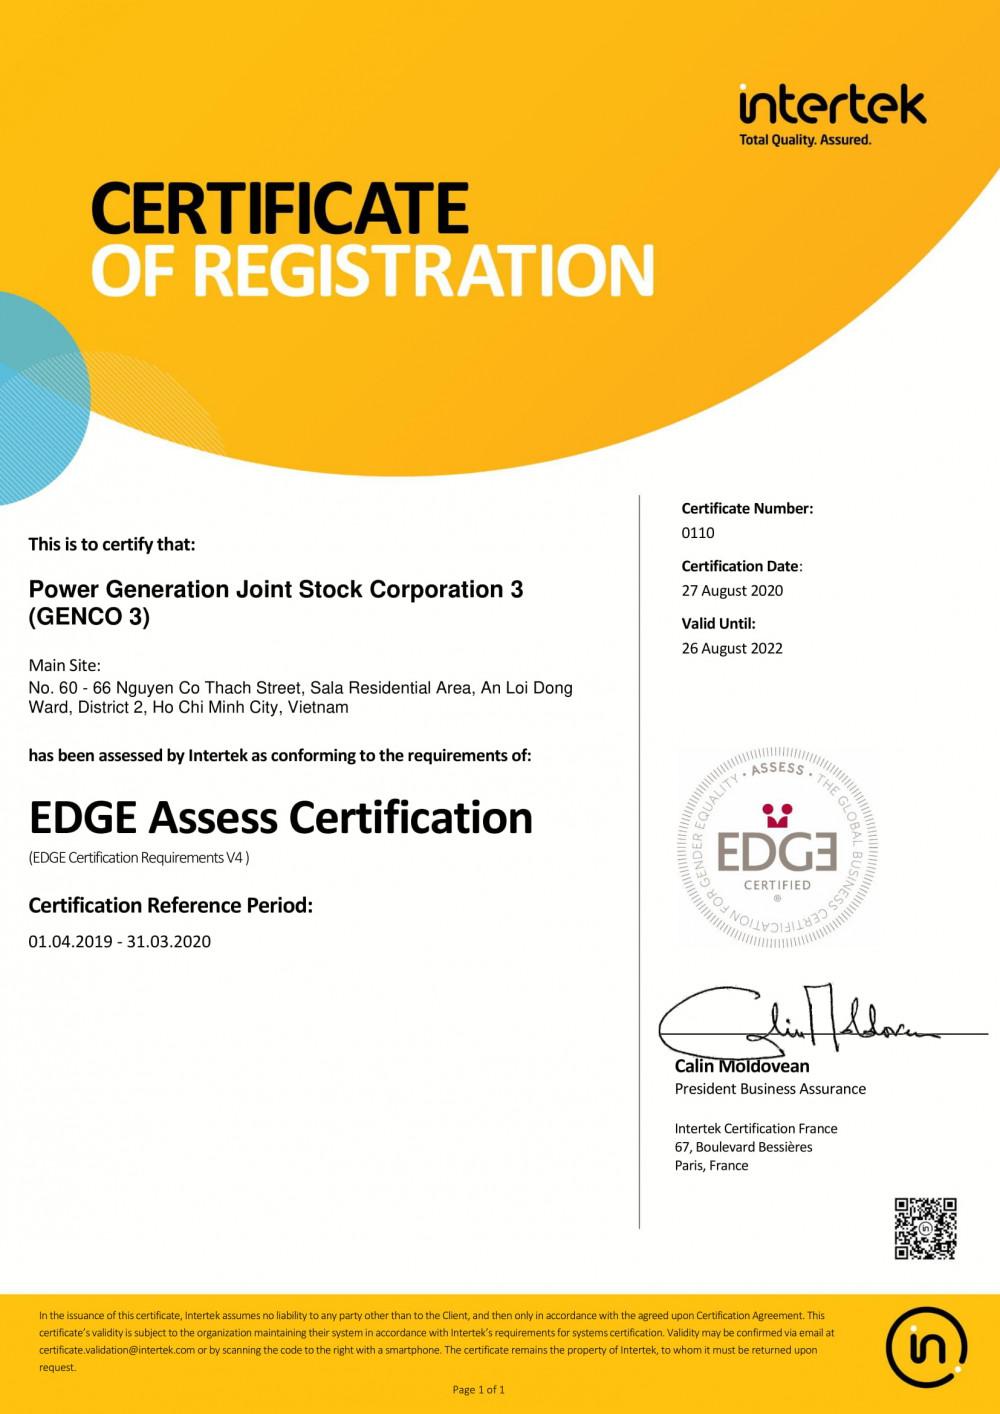 EVNGENCO 3 đạt được Chứng chỉ EDGE do tổ chức  EDGE Certified Foindation (Thụy Sỹ) cấp